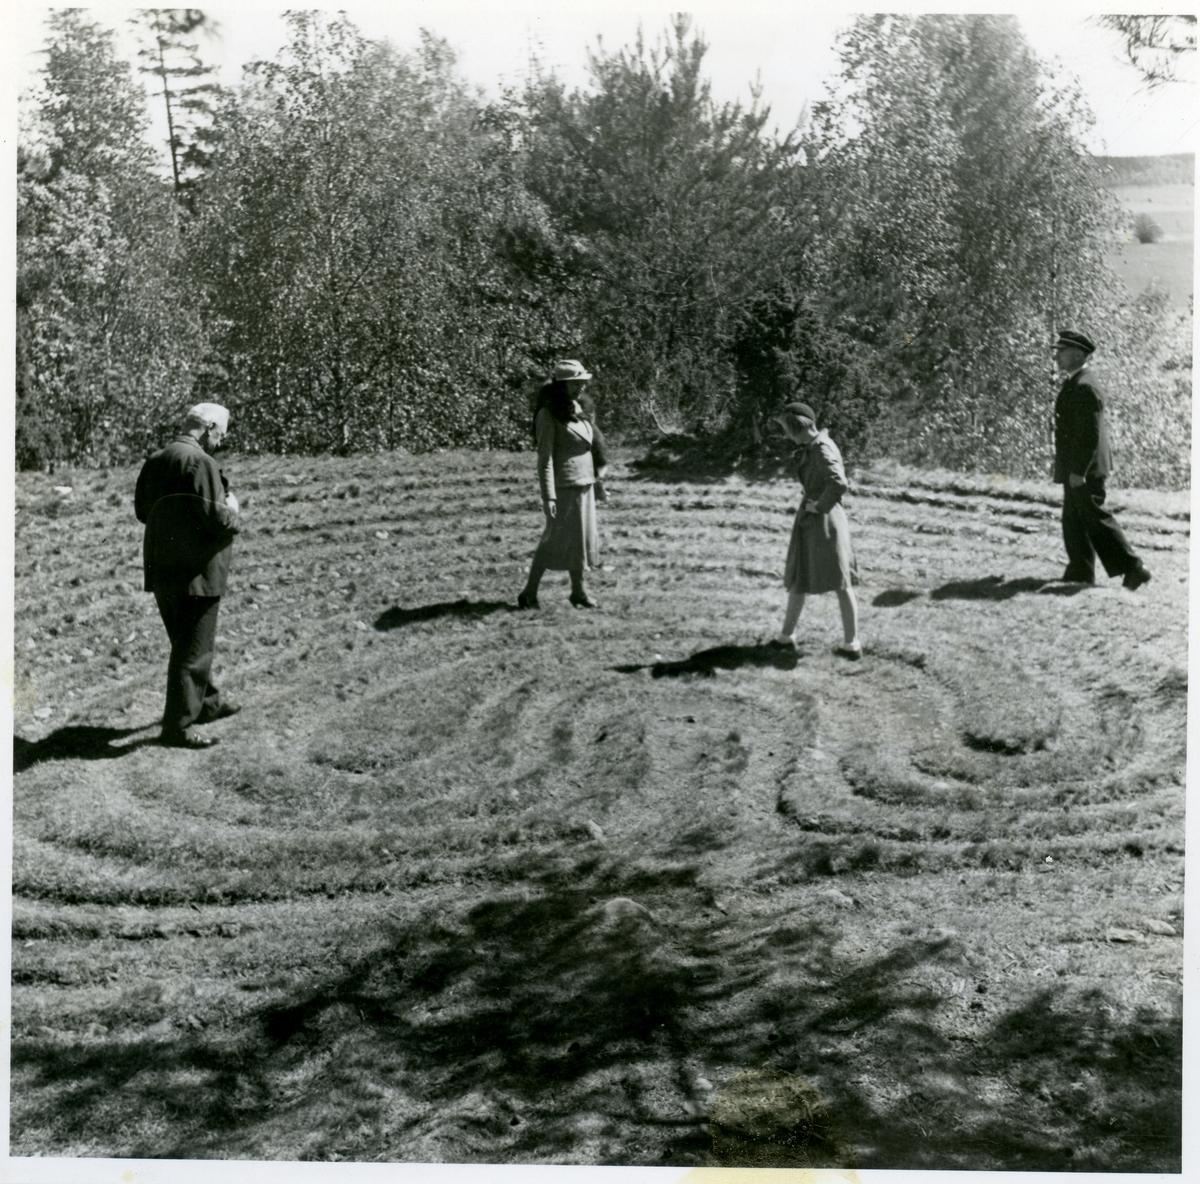 Badelunda sn, Tibble. Två män och två kvinnor går i Labyrinten Trojeborgen. 1938.